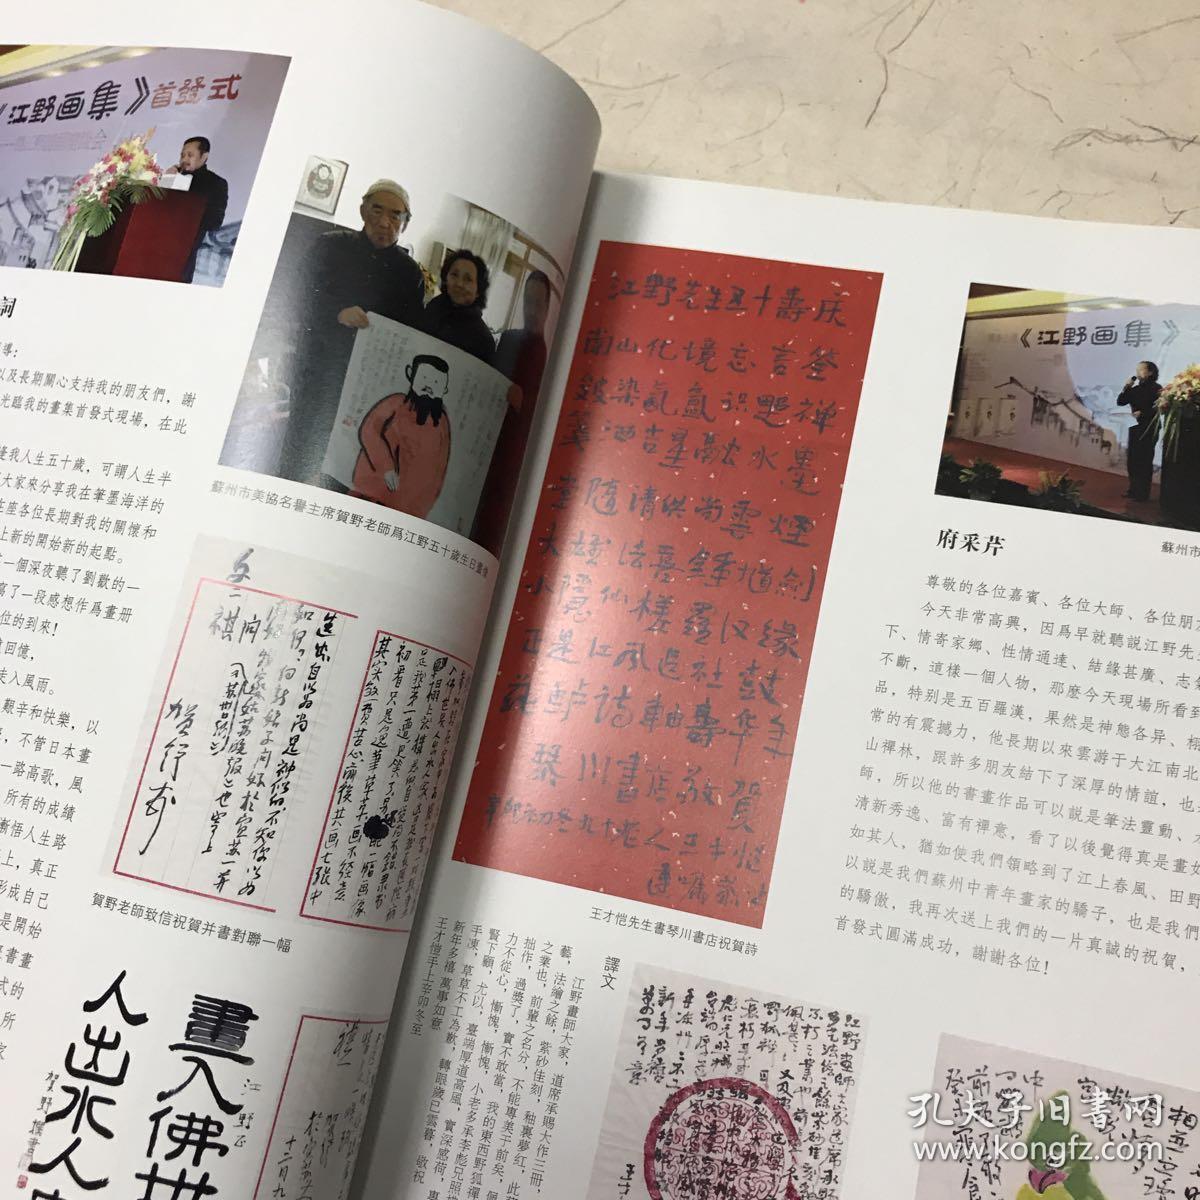 情寄山塘——《江野画集》首发式暨江野国画座谈会集锦